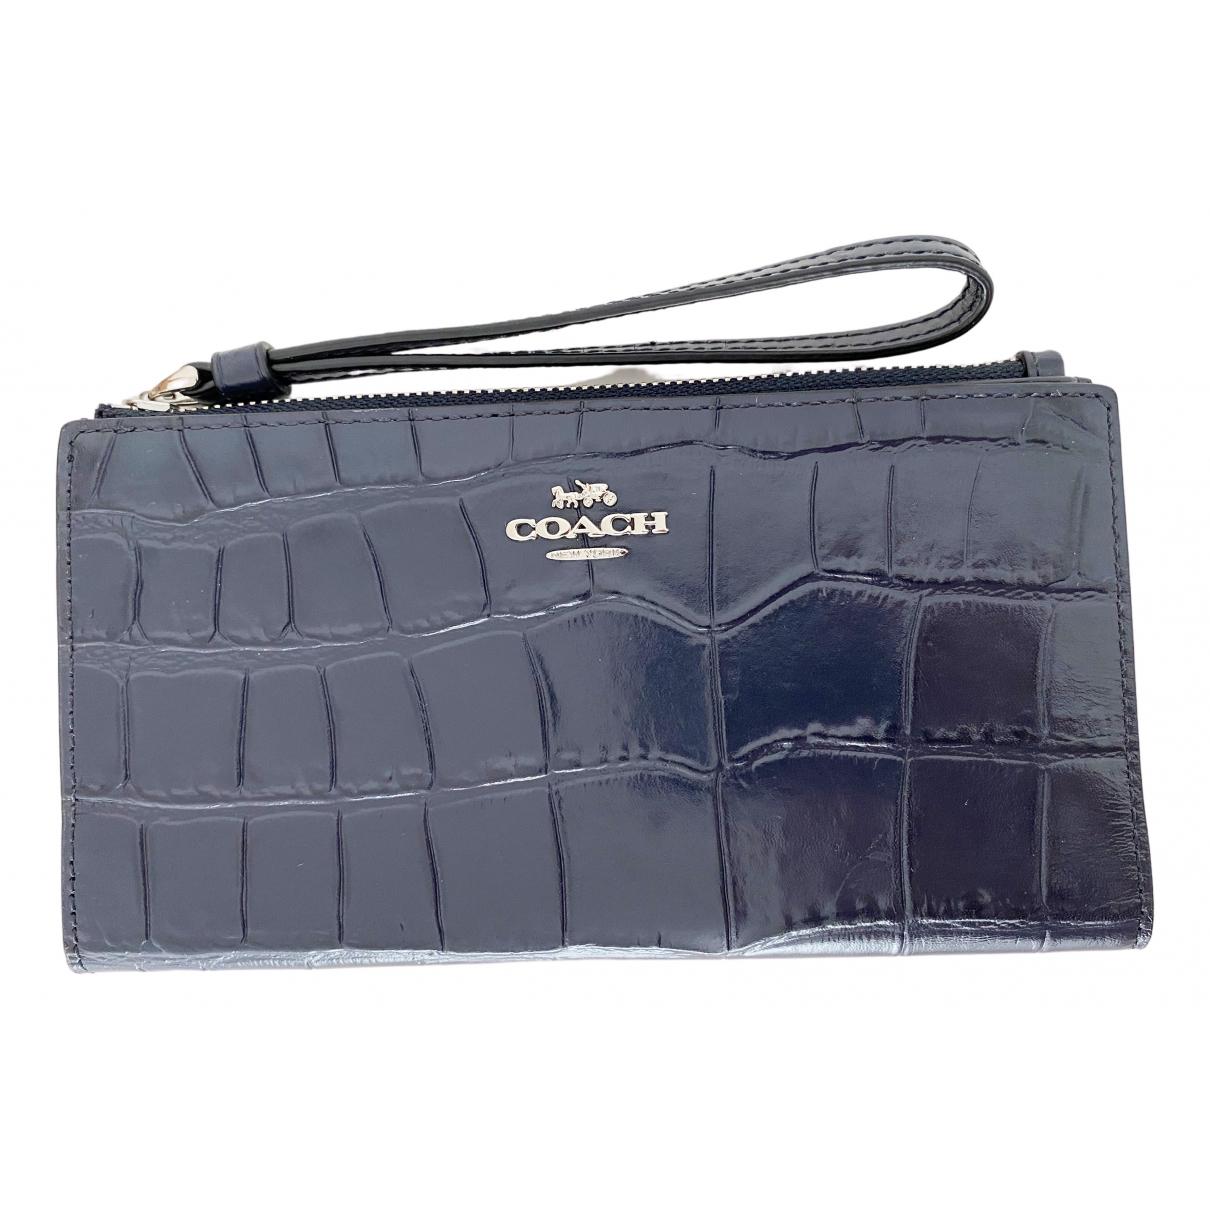 Coach - Portefeuille   pour femme en cuir - bleu